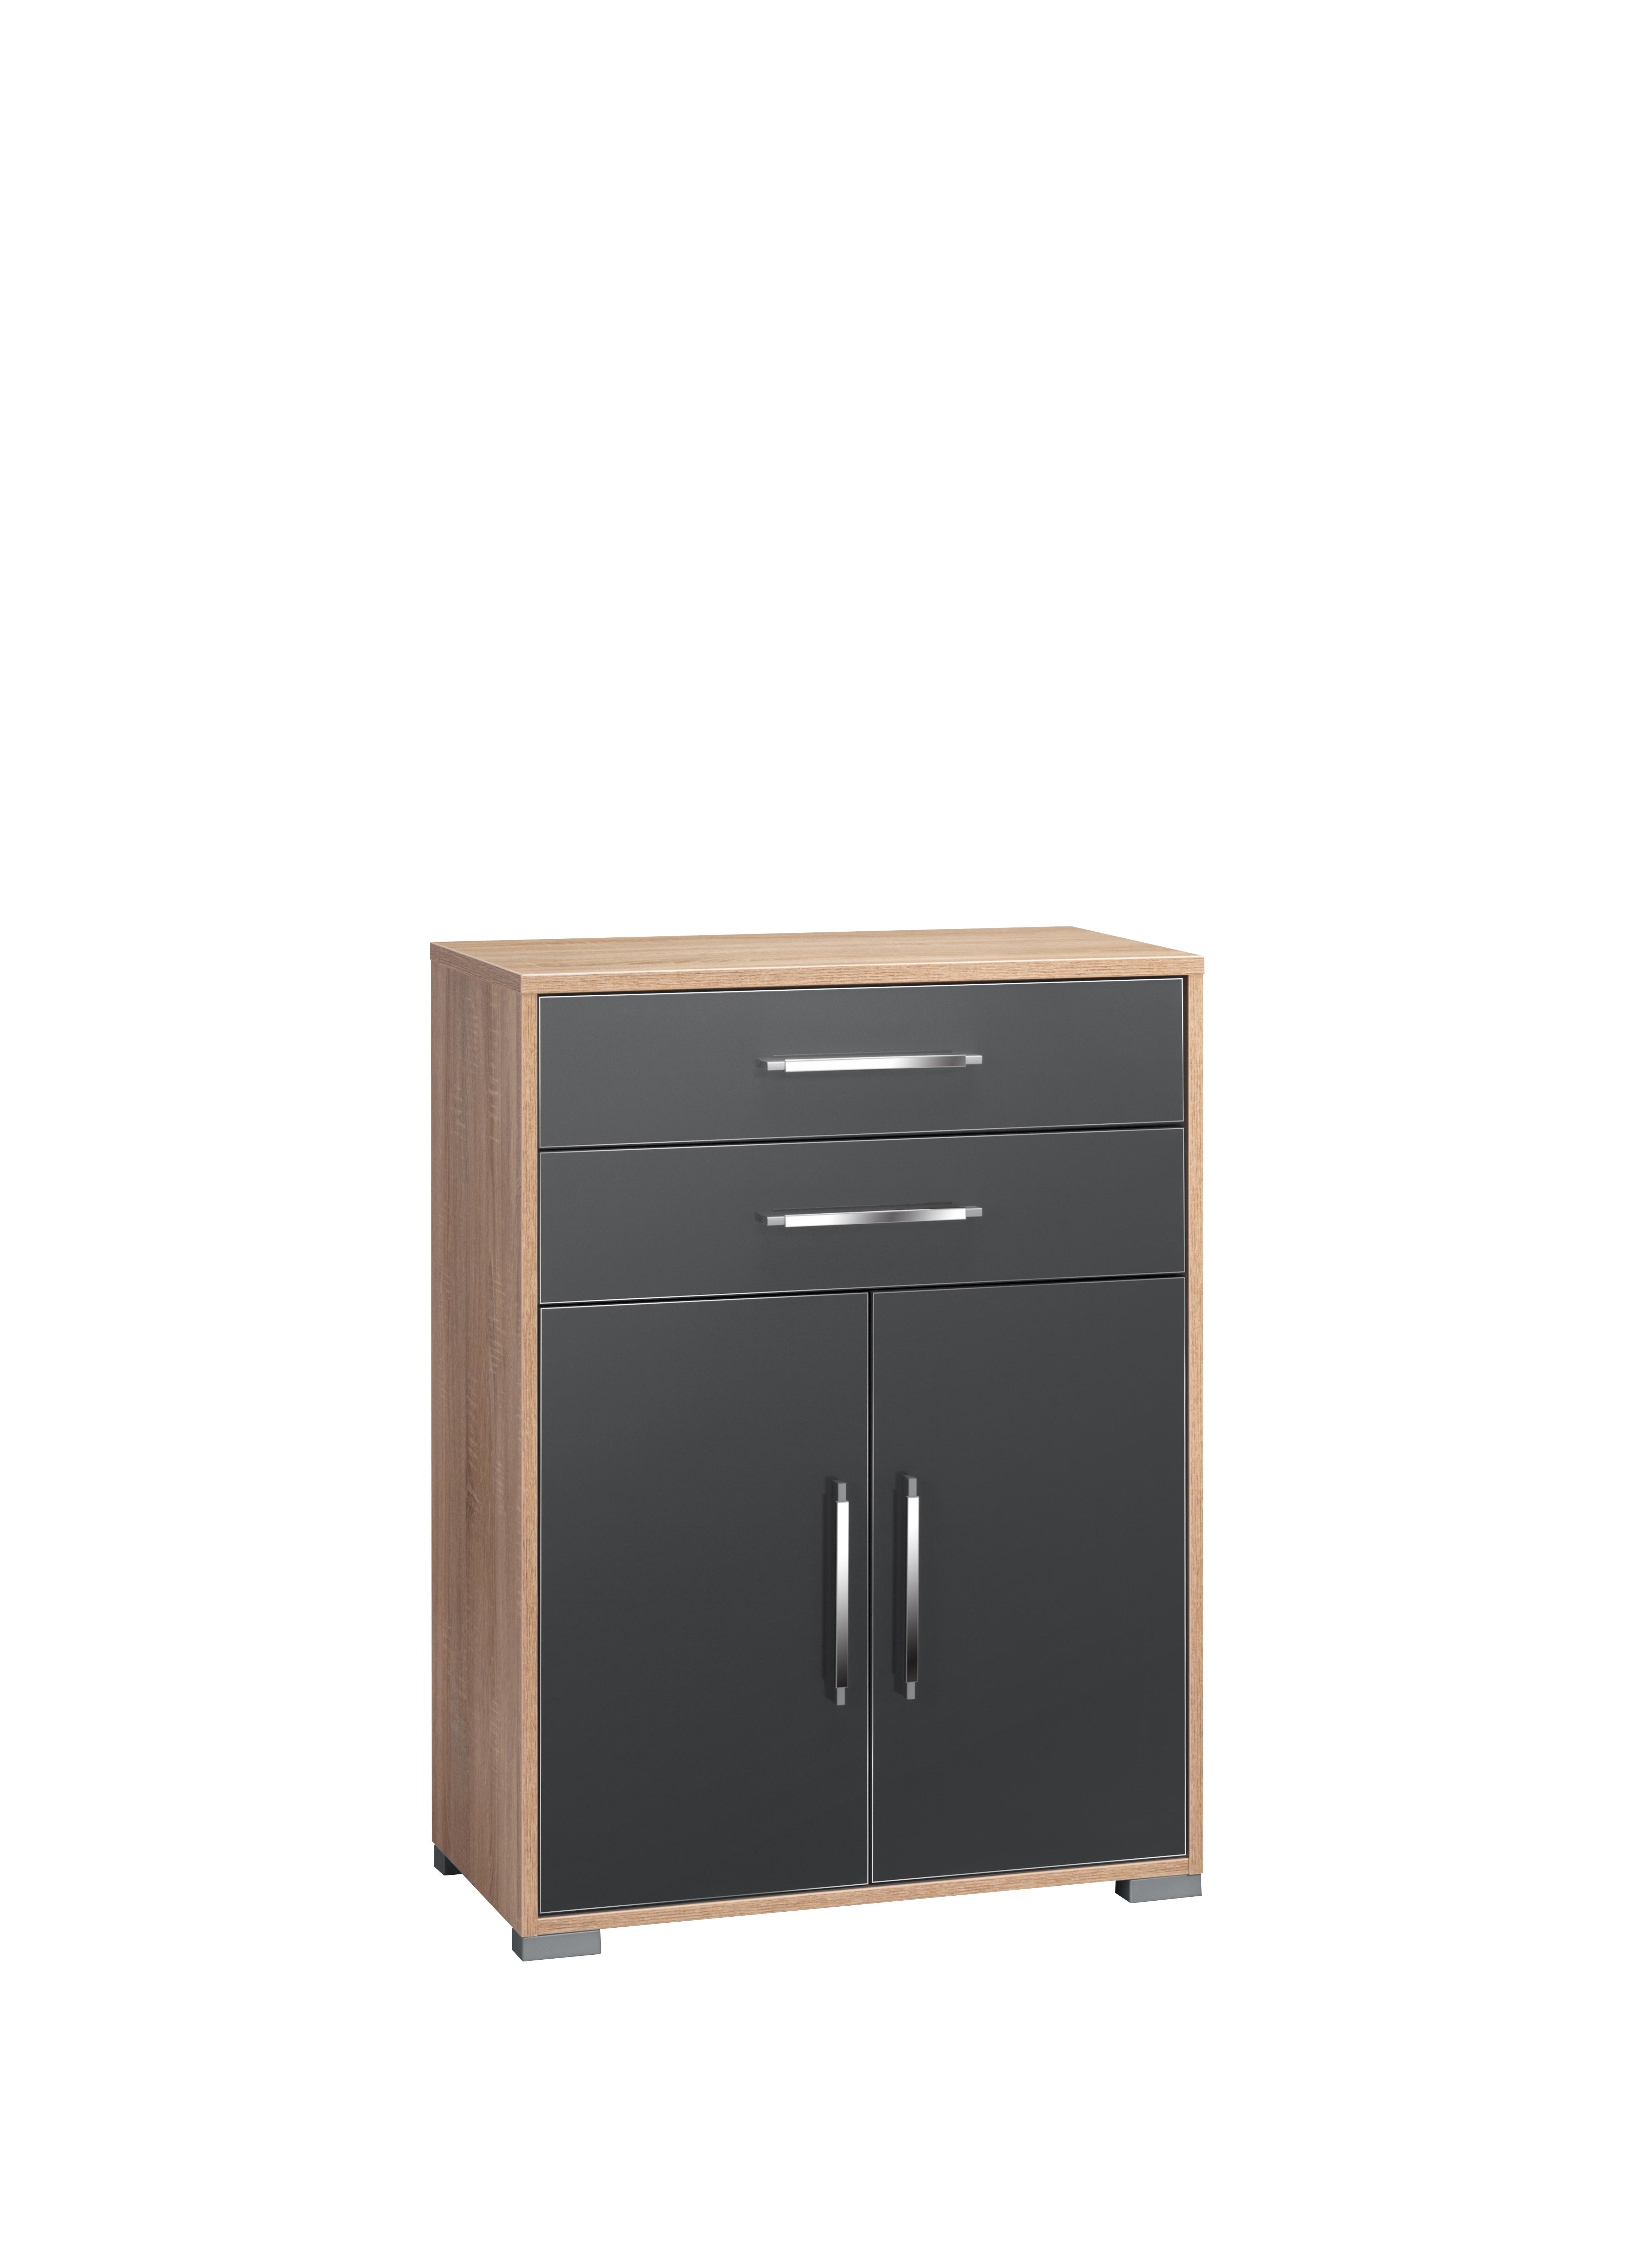 Aktenregal 2-trg 2 Schubladen SYSTEM-OFFICE von MAJA Sonoma Eiche / Grau Hgl